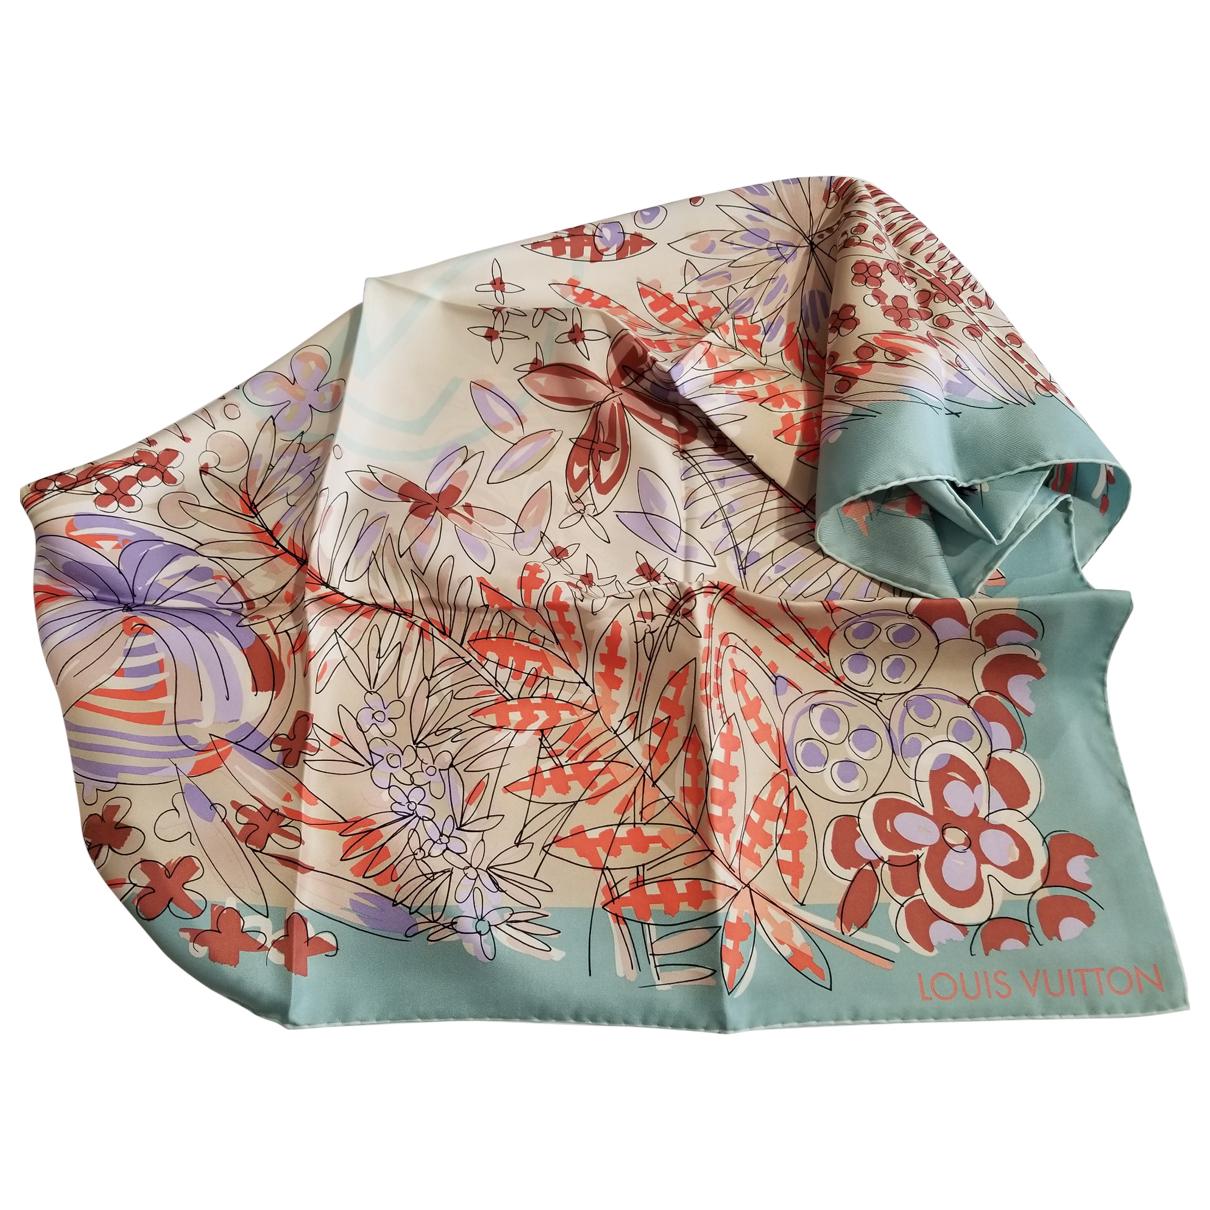 Louis Vuitton N Multicolour Silk scarf for Women N